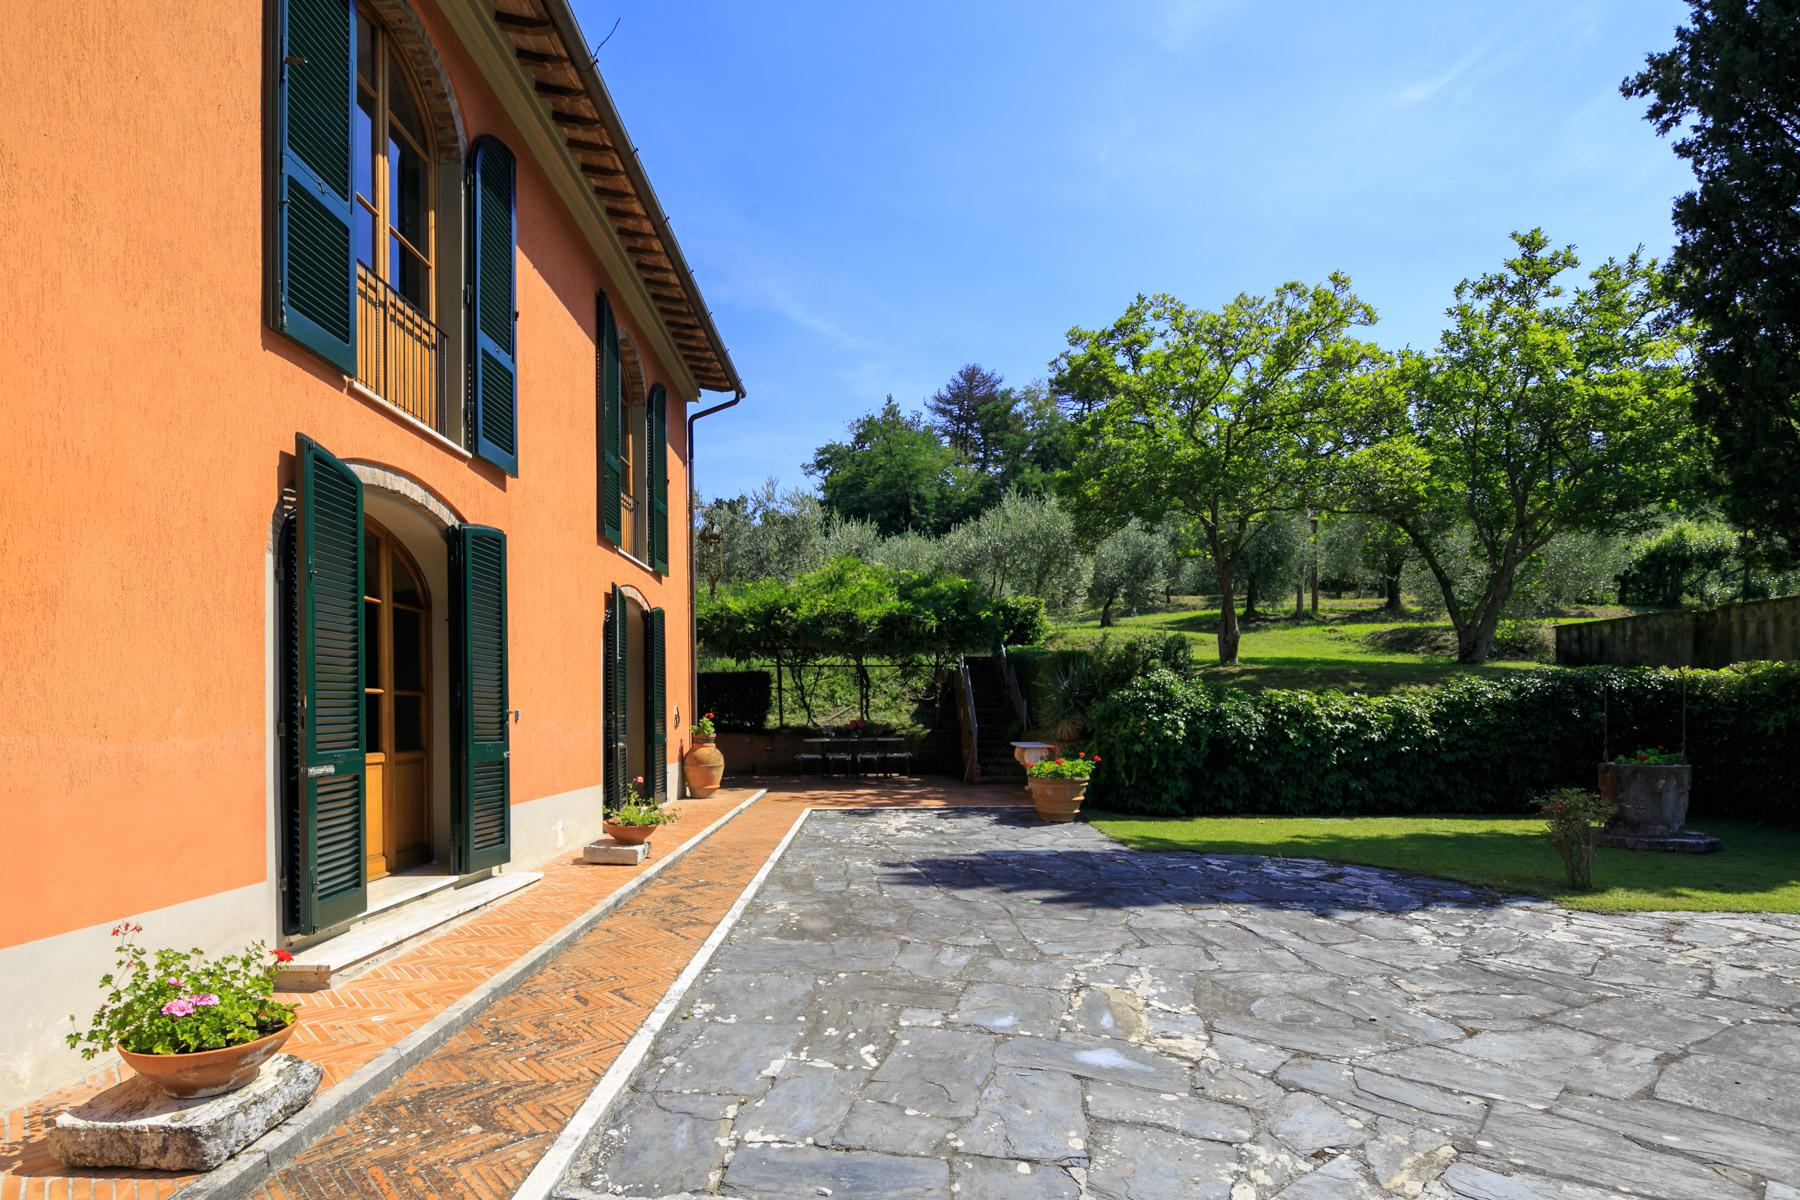 Elegante Villa mit Park und Olivenhainen auf dem Land Luccas - 16